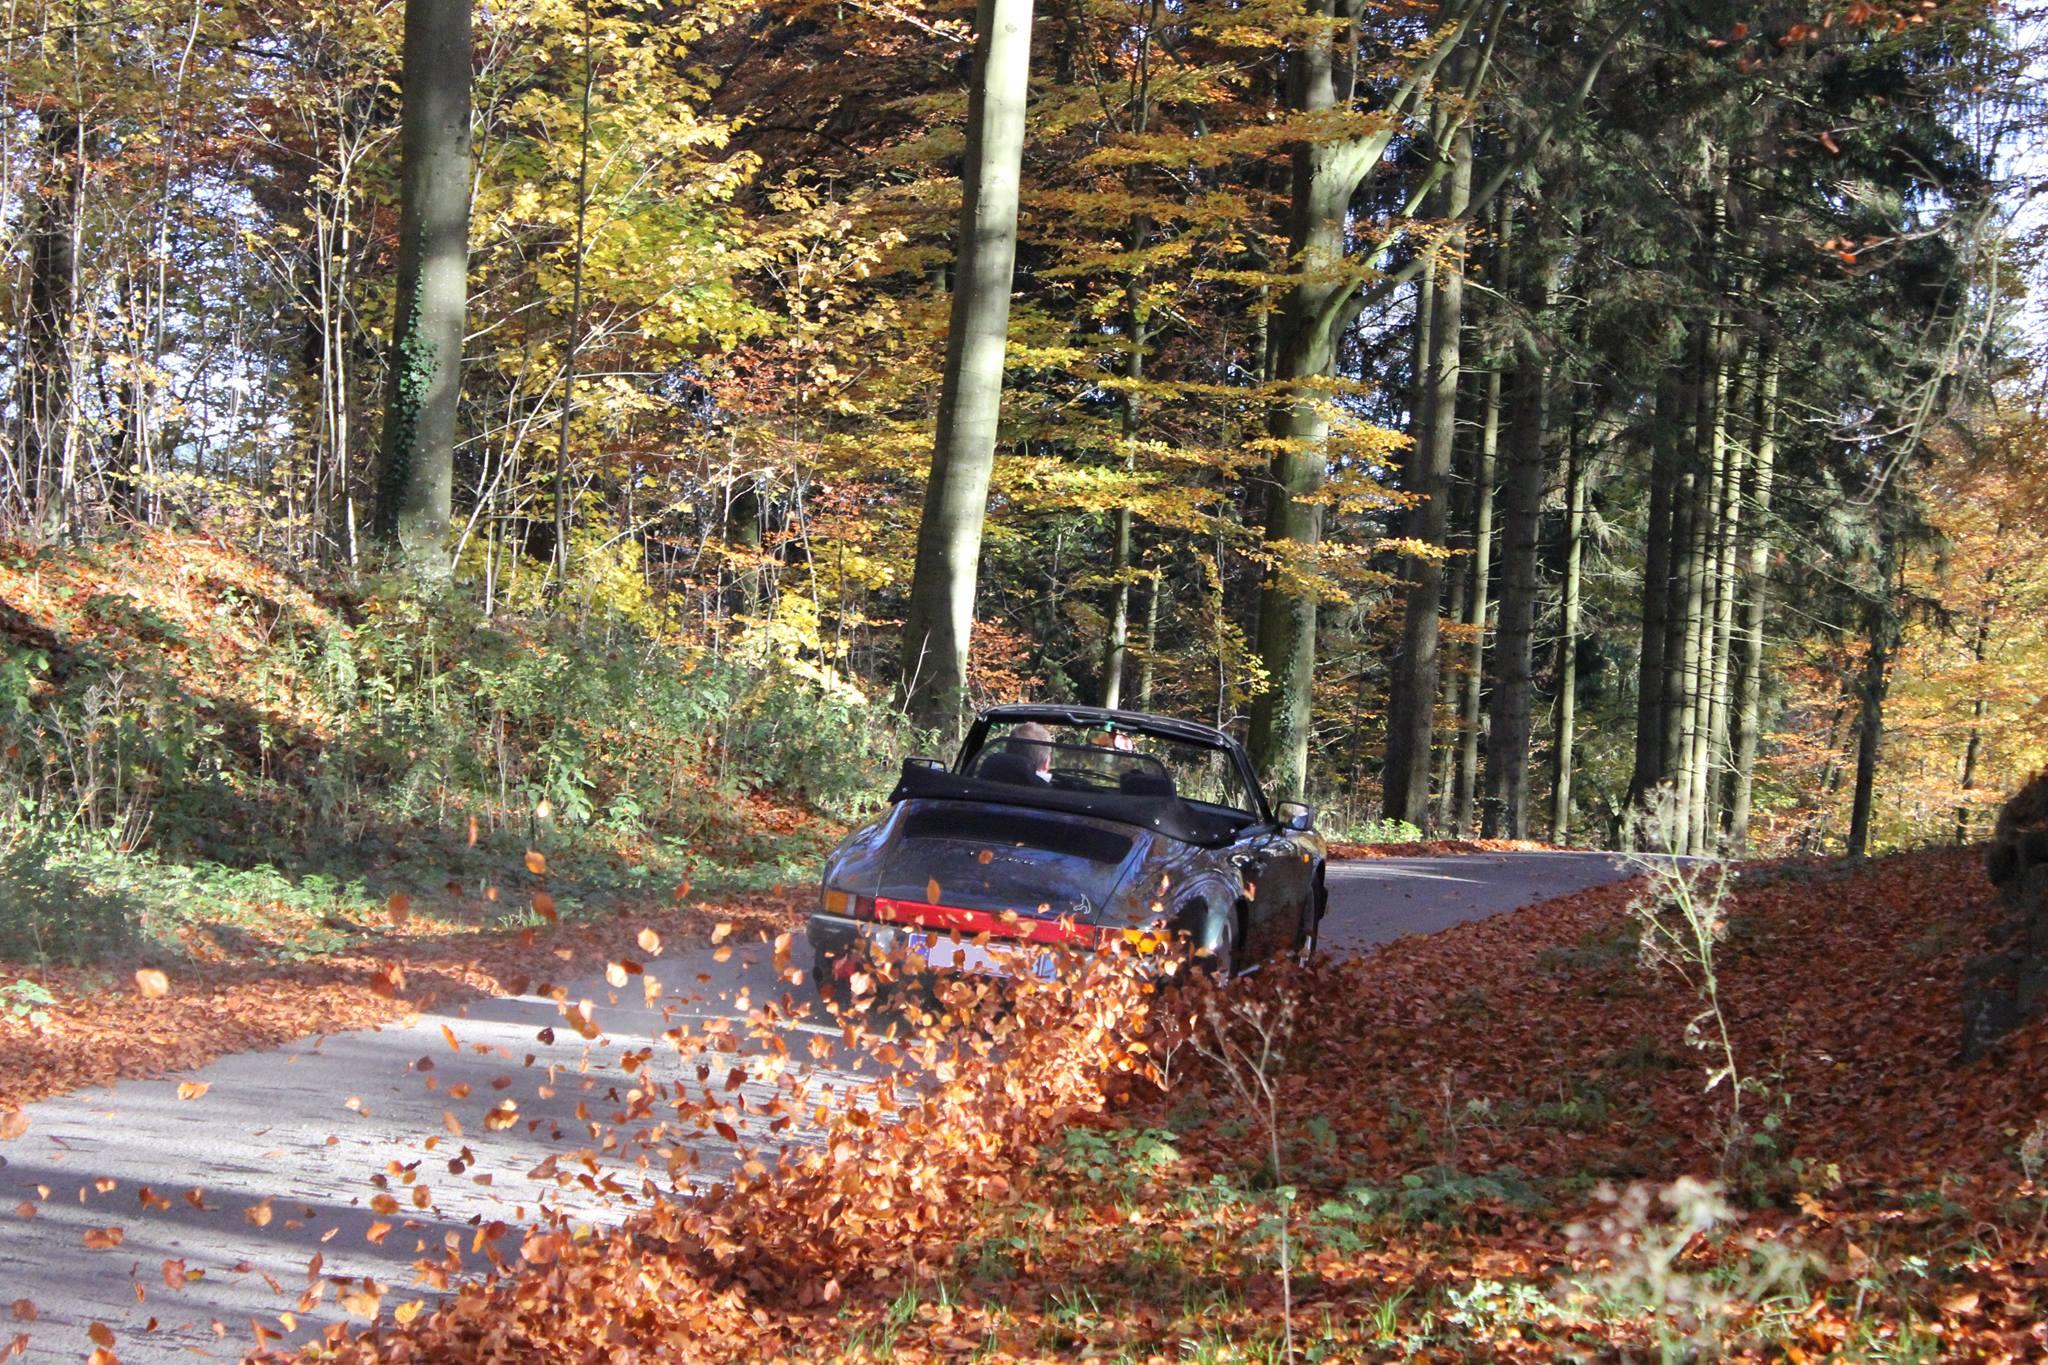 Porsche en automne - Page 8 193074143799141485985689298214042046275022258432o